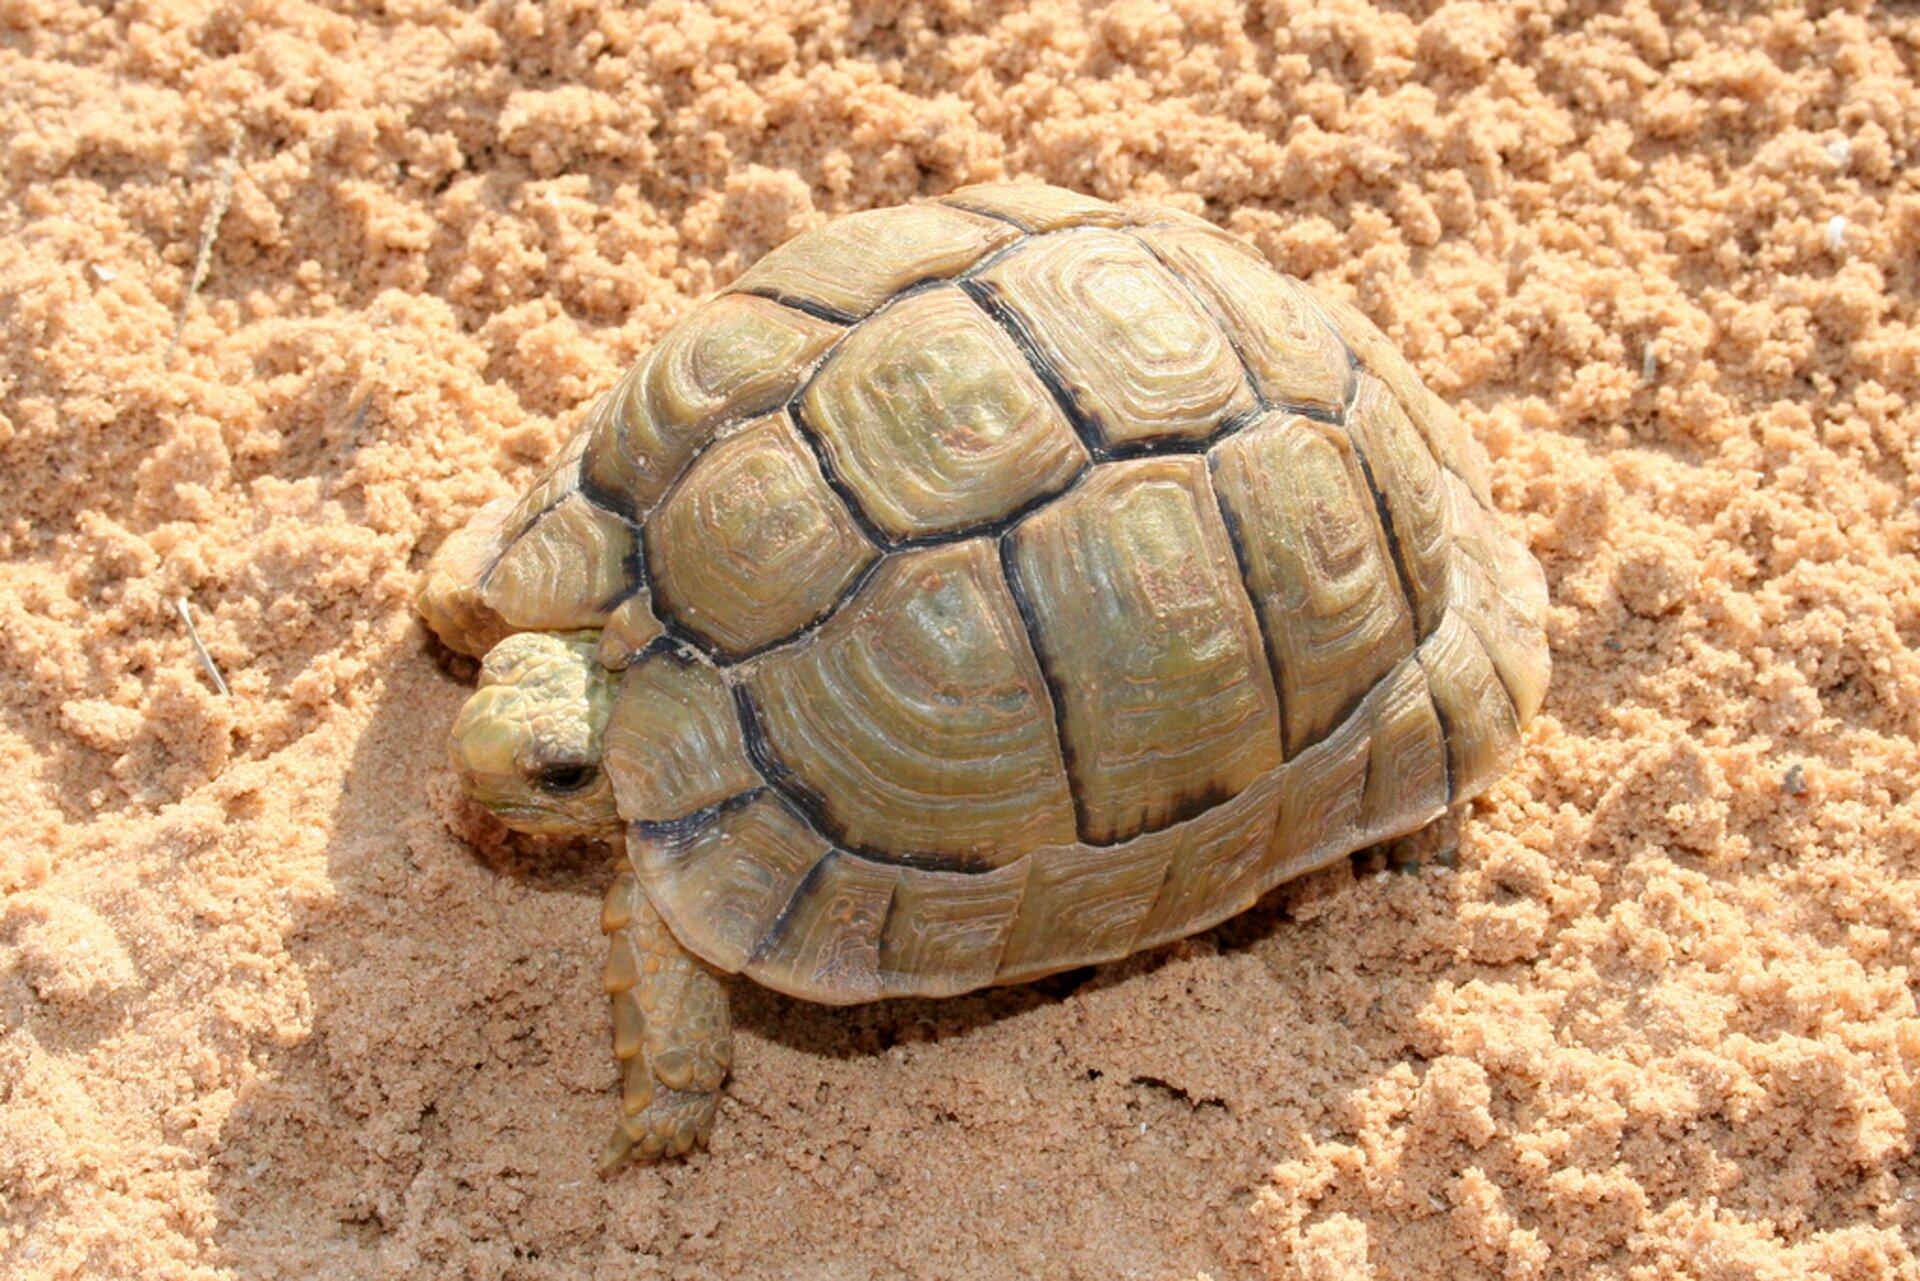 Ilustracja przedstawia żółwia na piasku. Żółw ma charakterystyczne wycięcie wskorupie nad głową. Skorupa jasna, żółtobrązowa. Obrzeża płytek grzbietowych, tworzących skorupę, zwidocznie ciemniejszą obwódką.